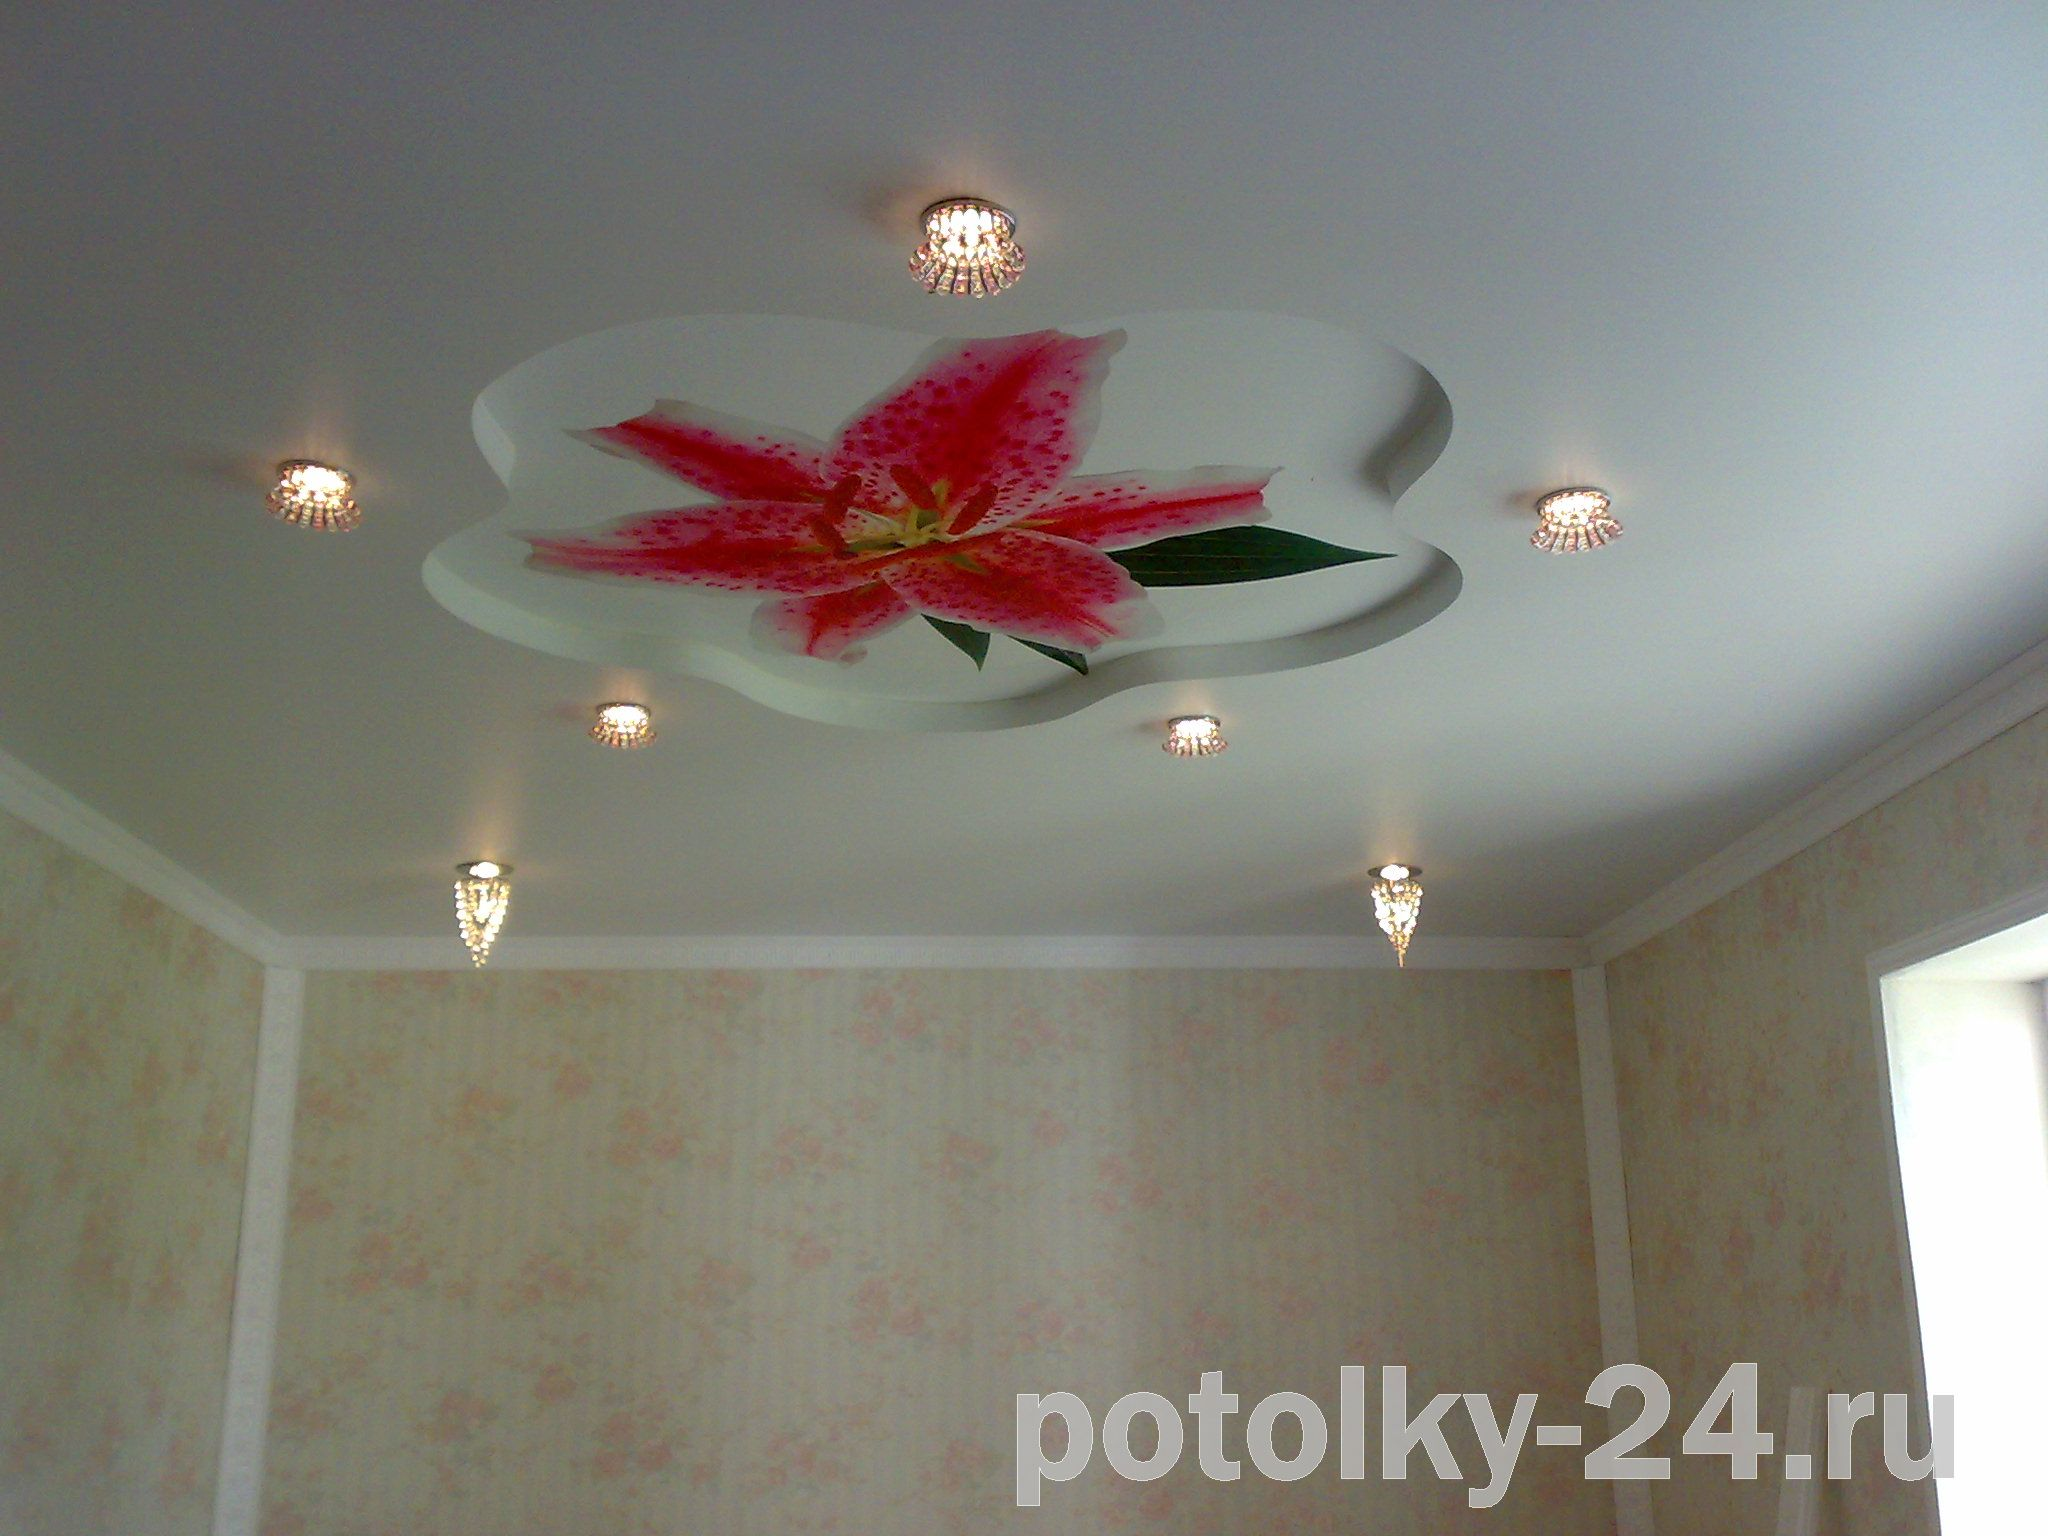 Фото цветков из гкл на потолке